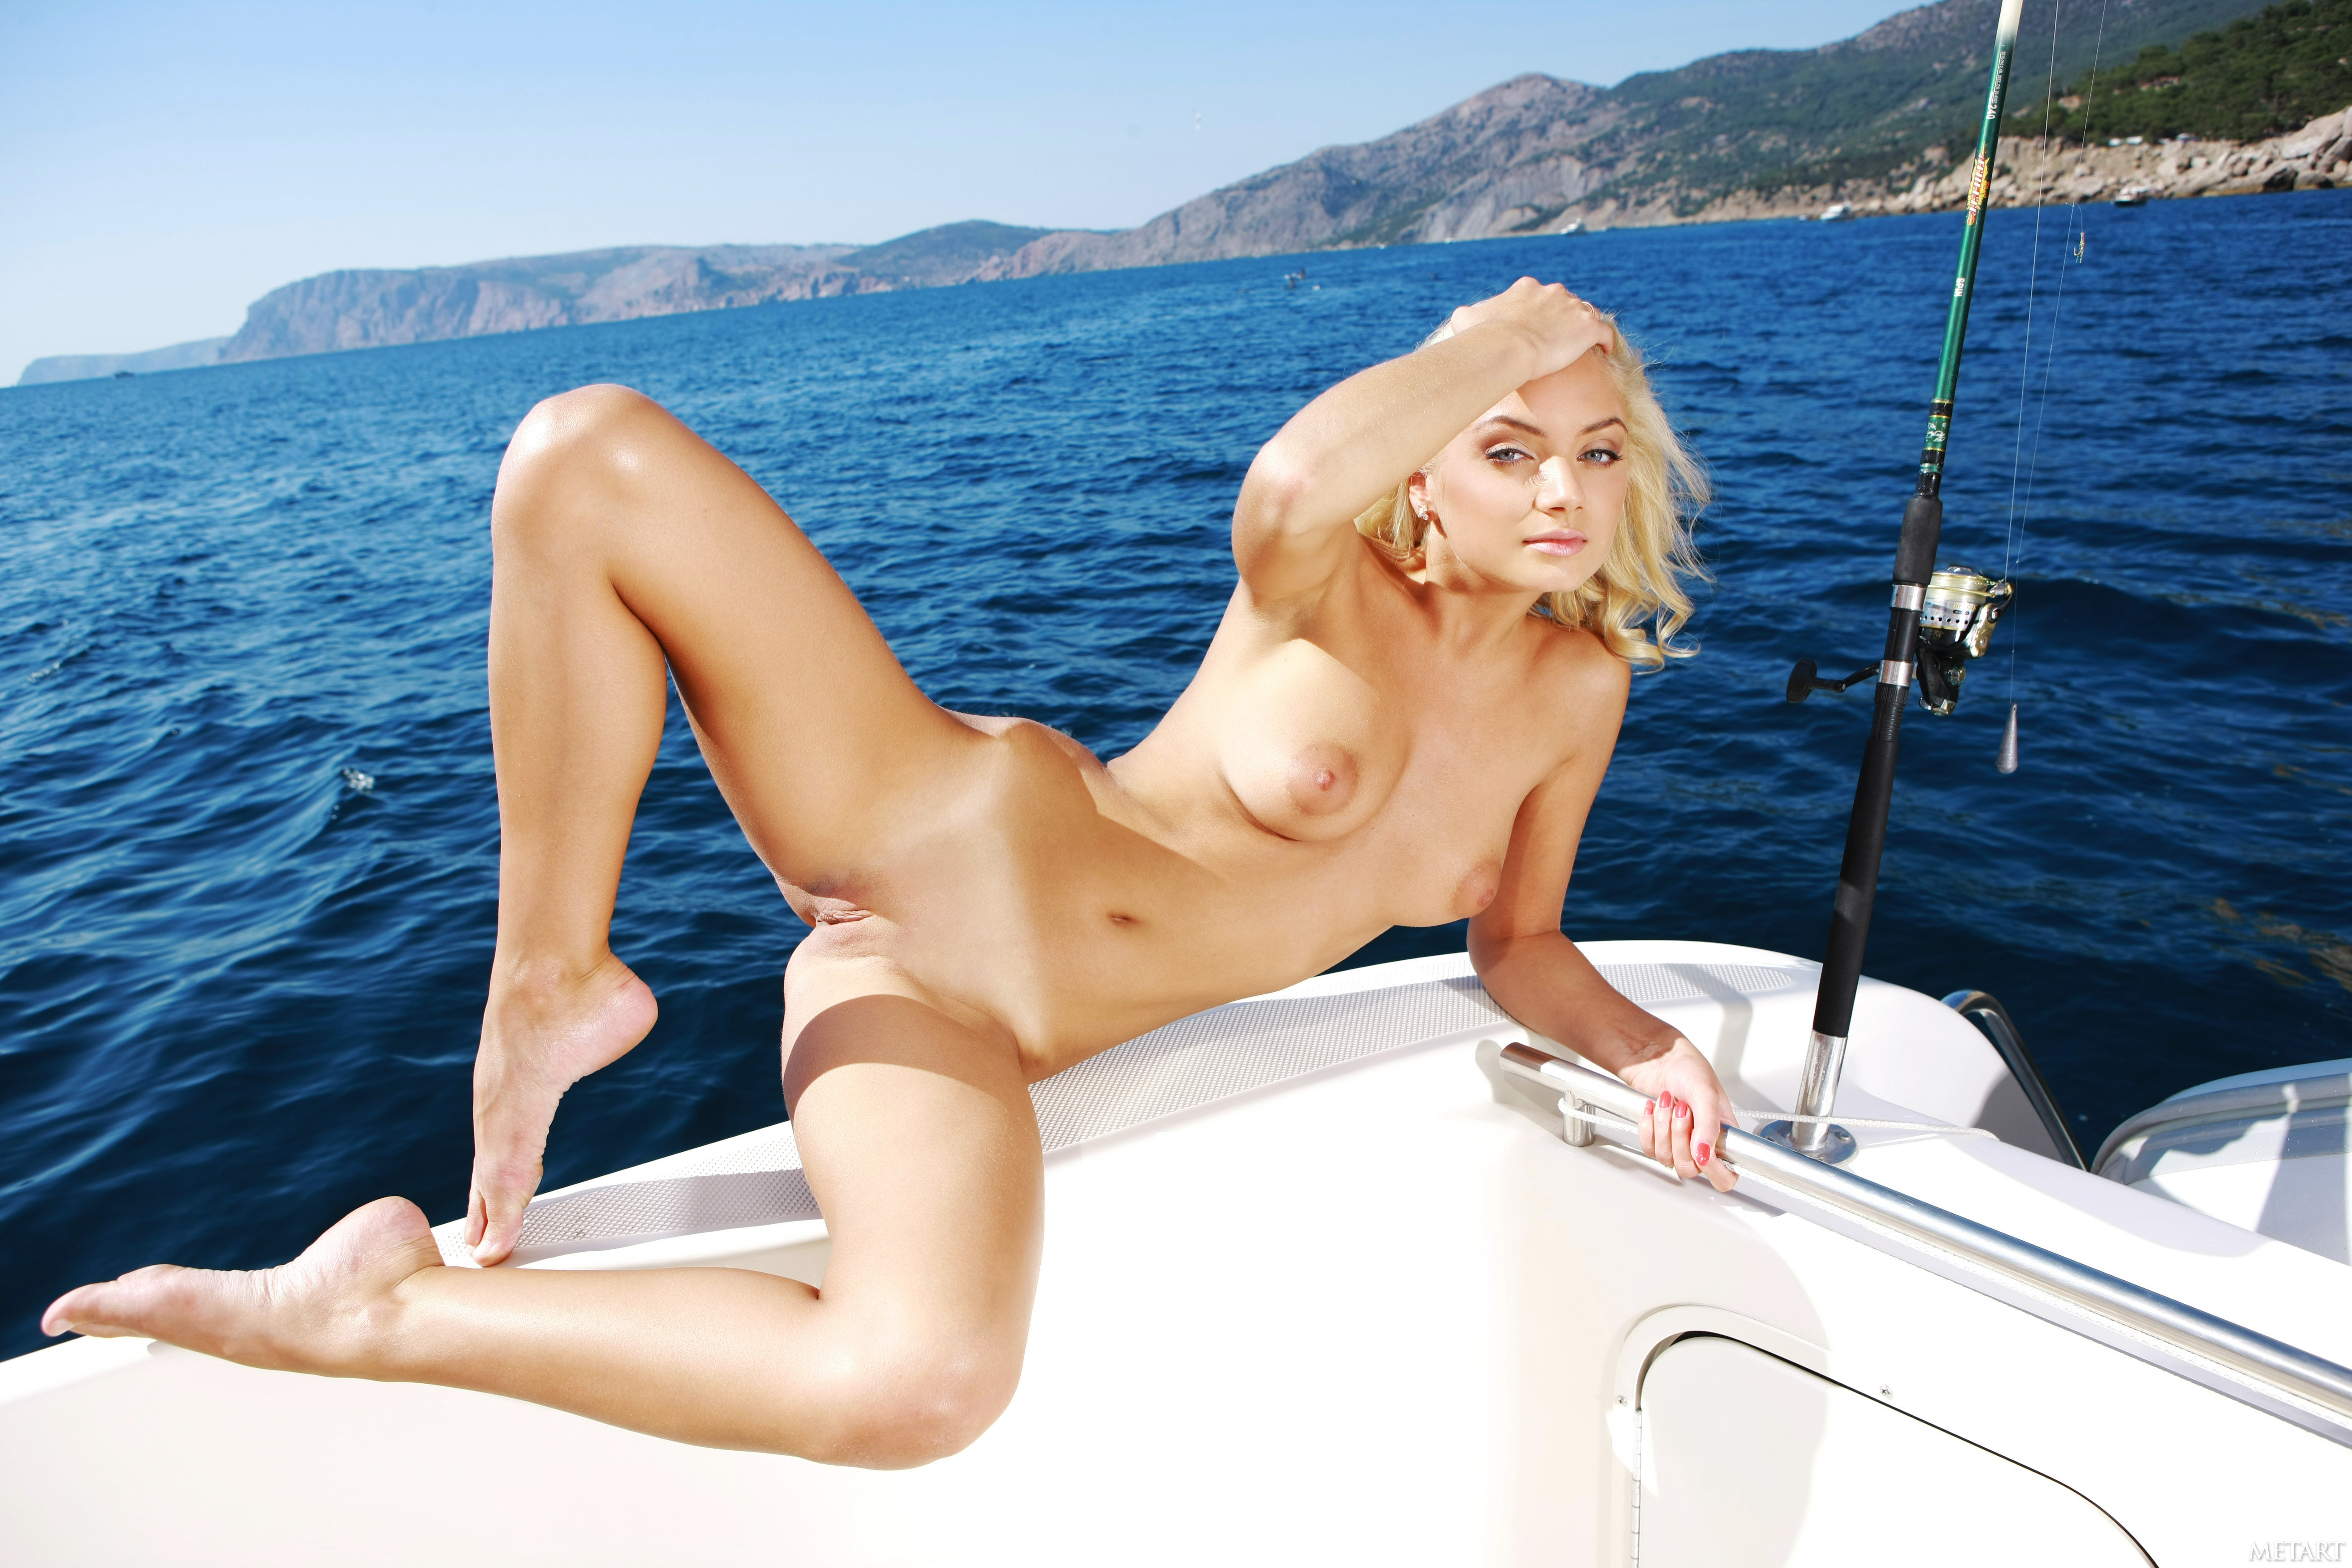 seksapilnaya-blondinka-na-yahte-russkie-porno-roliki-moloduyu-zhenu-v-anus